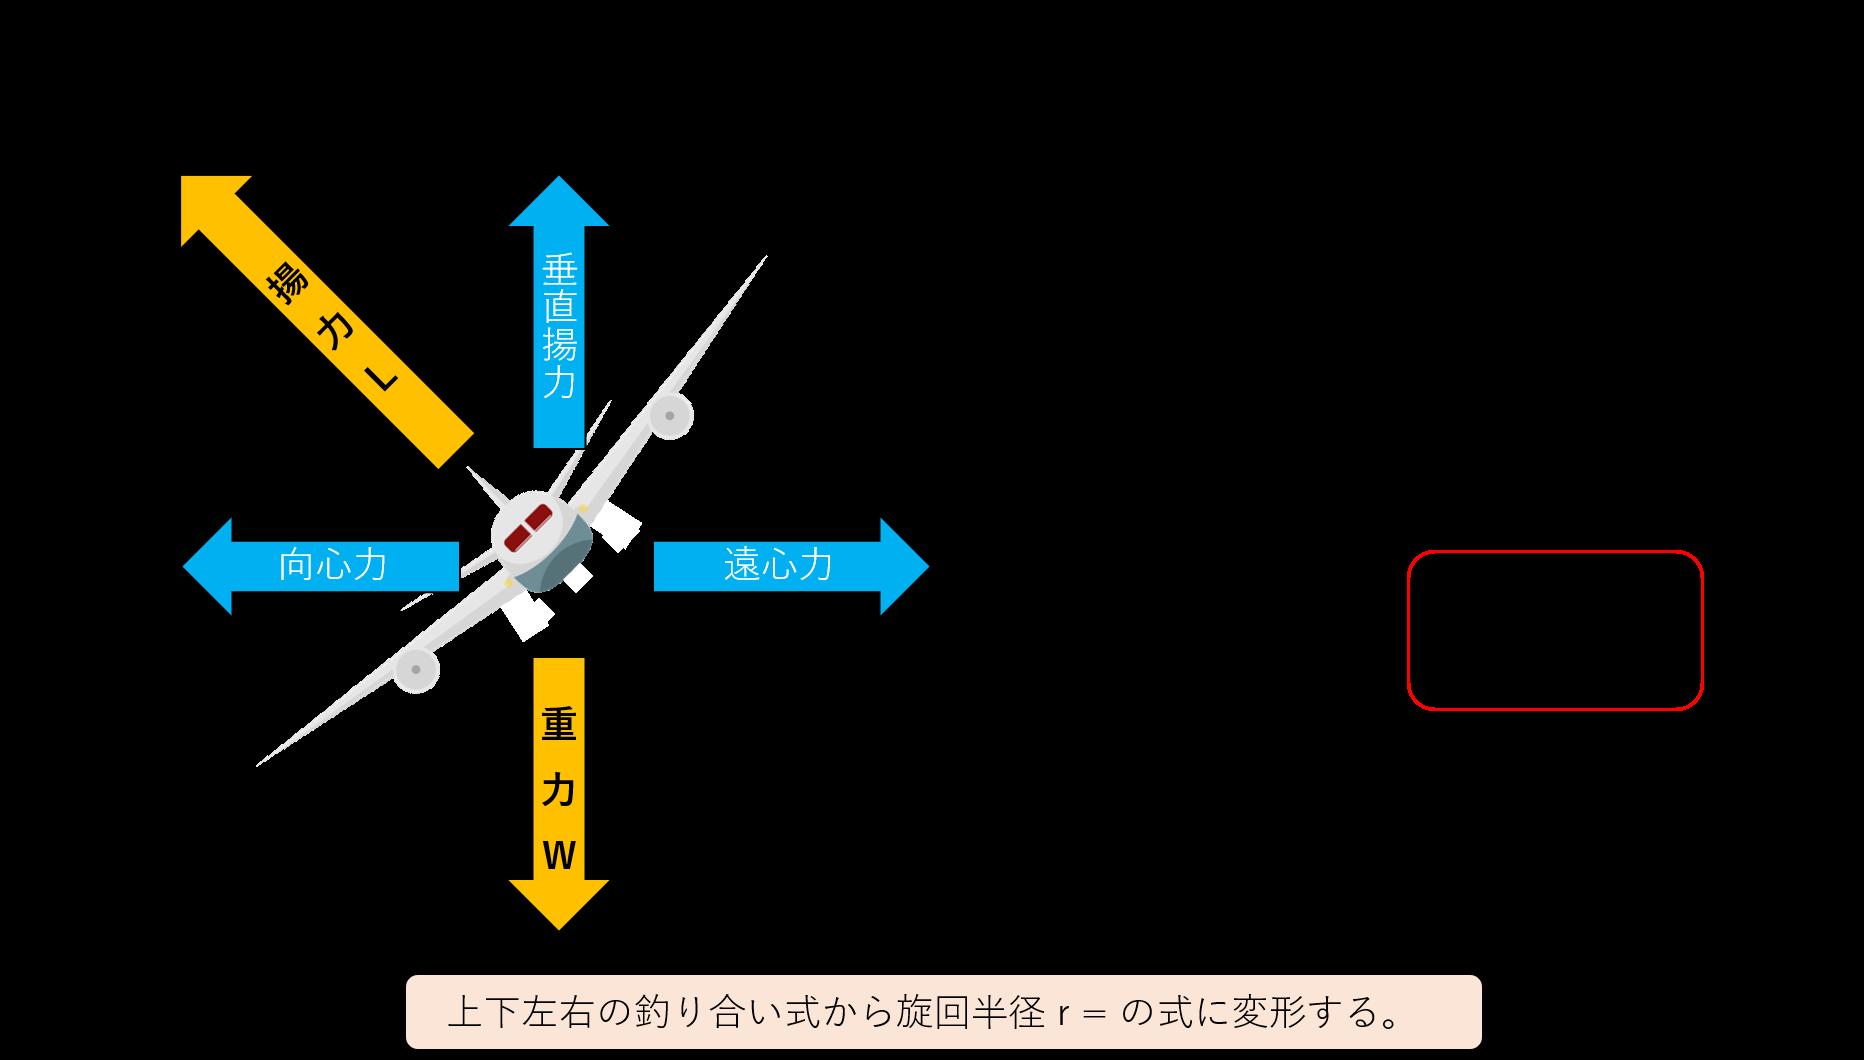 旋回半径の導き方